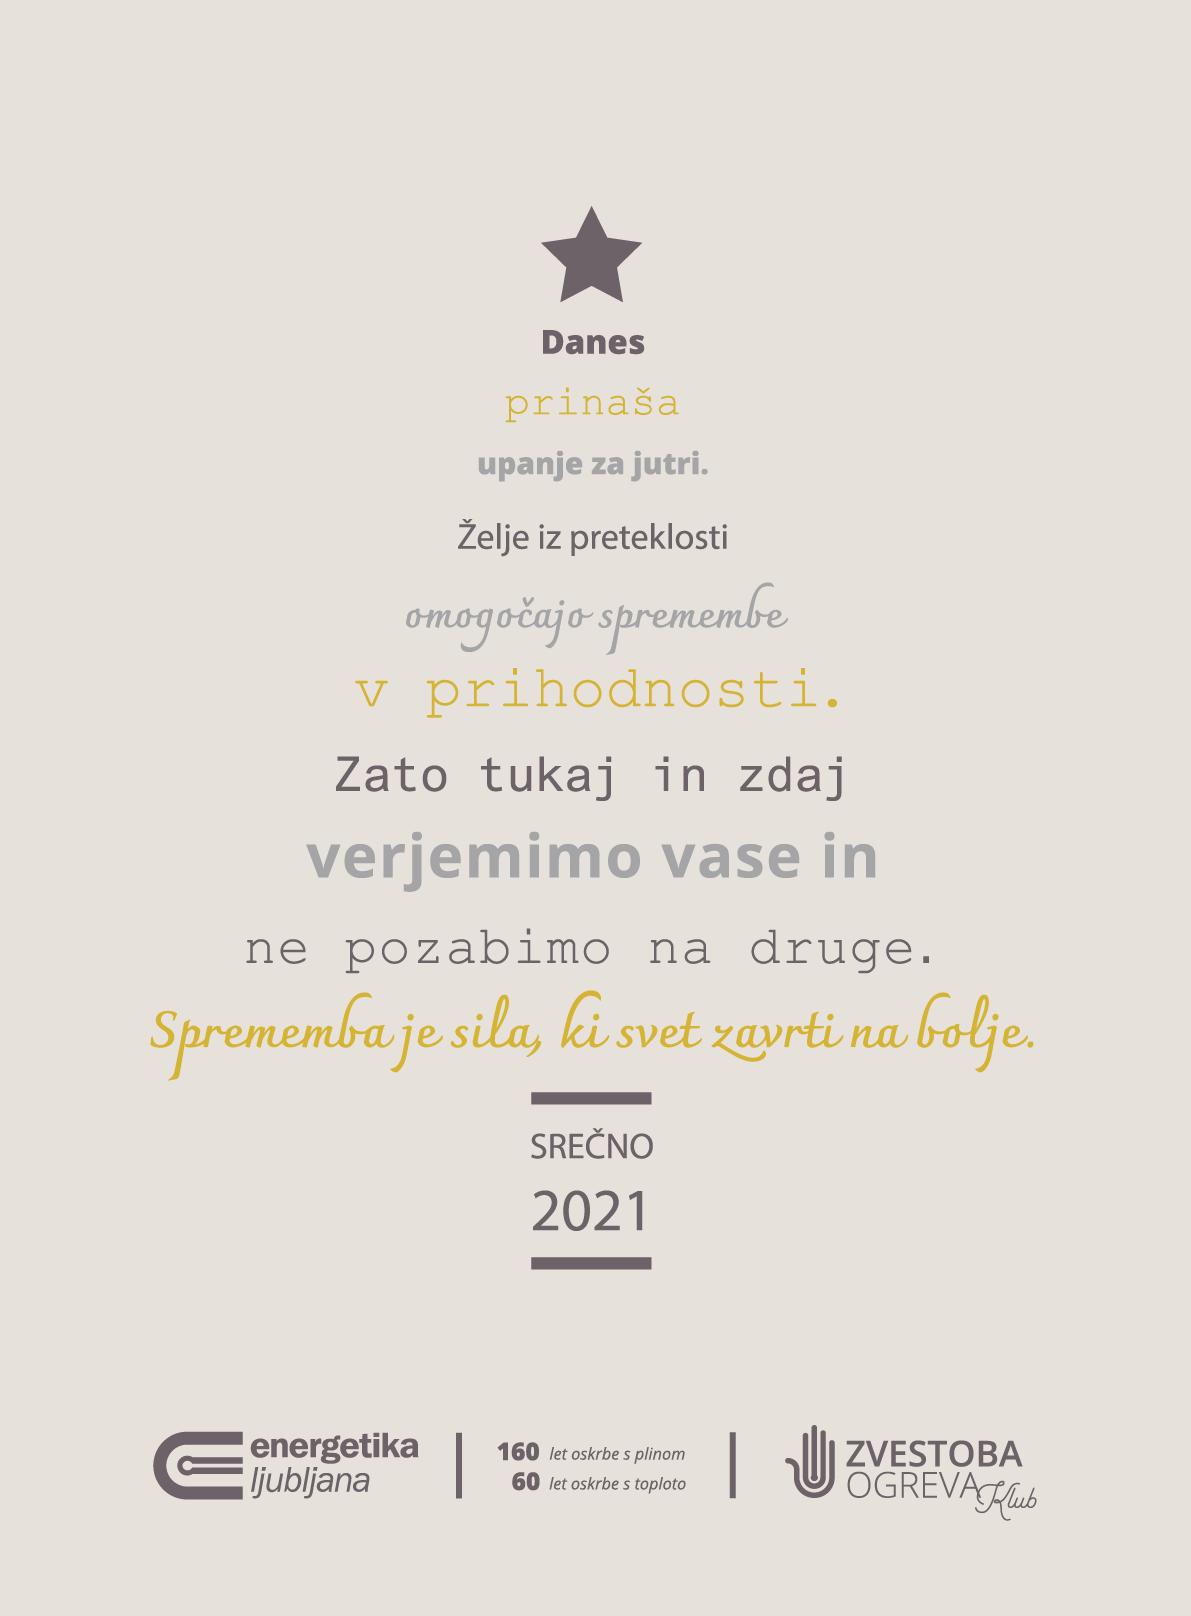 Voščilnica Energetike Ljubljana za leto 2021